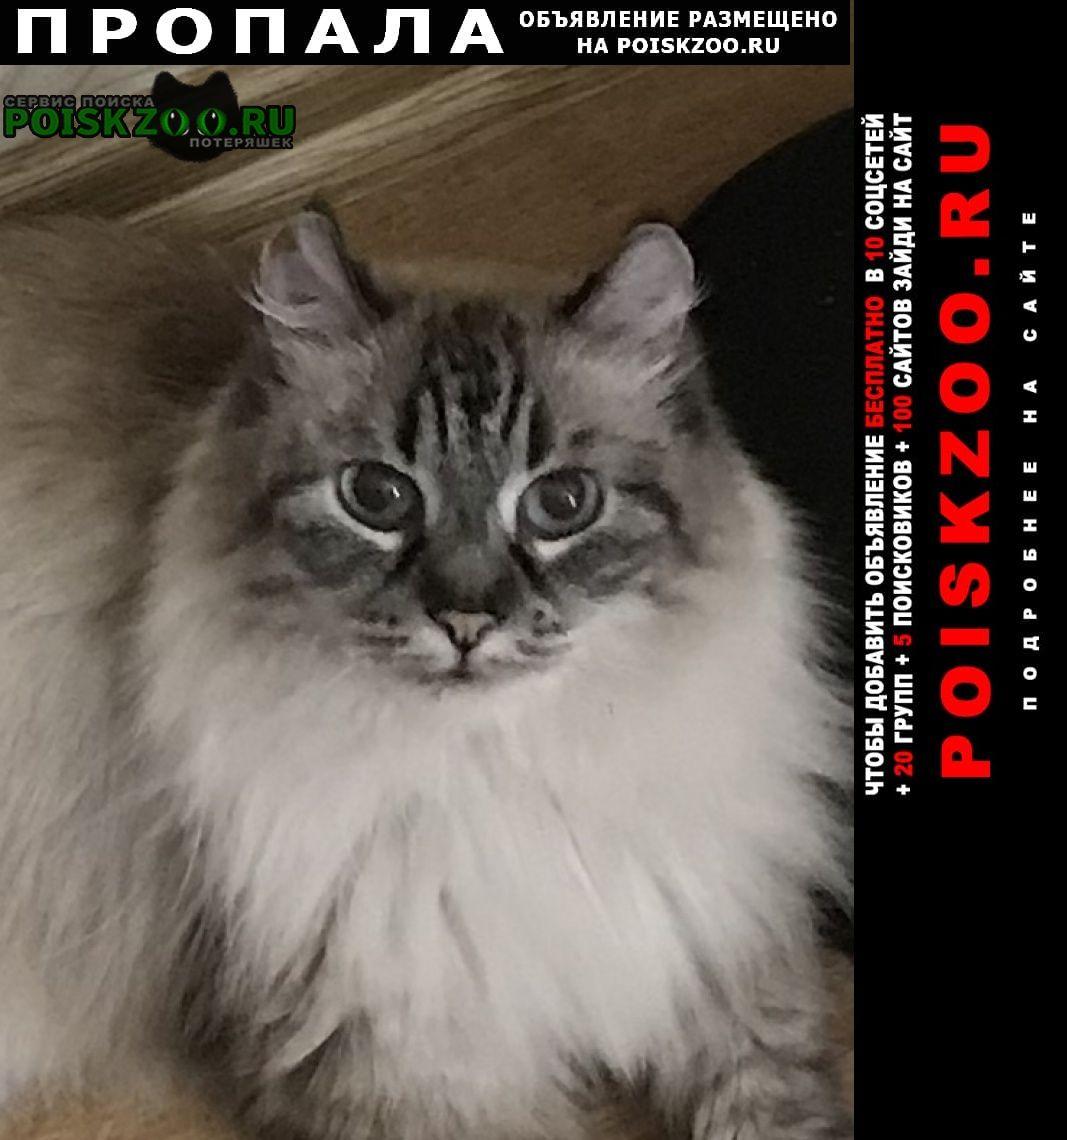 Пропала кошка помогите найти, за вознаграждение Казань